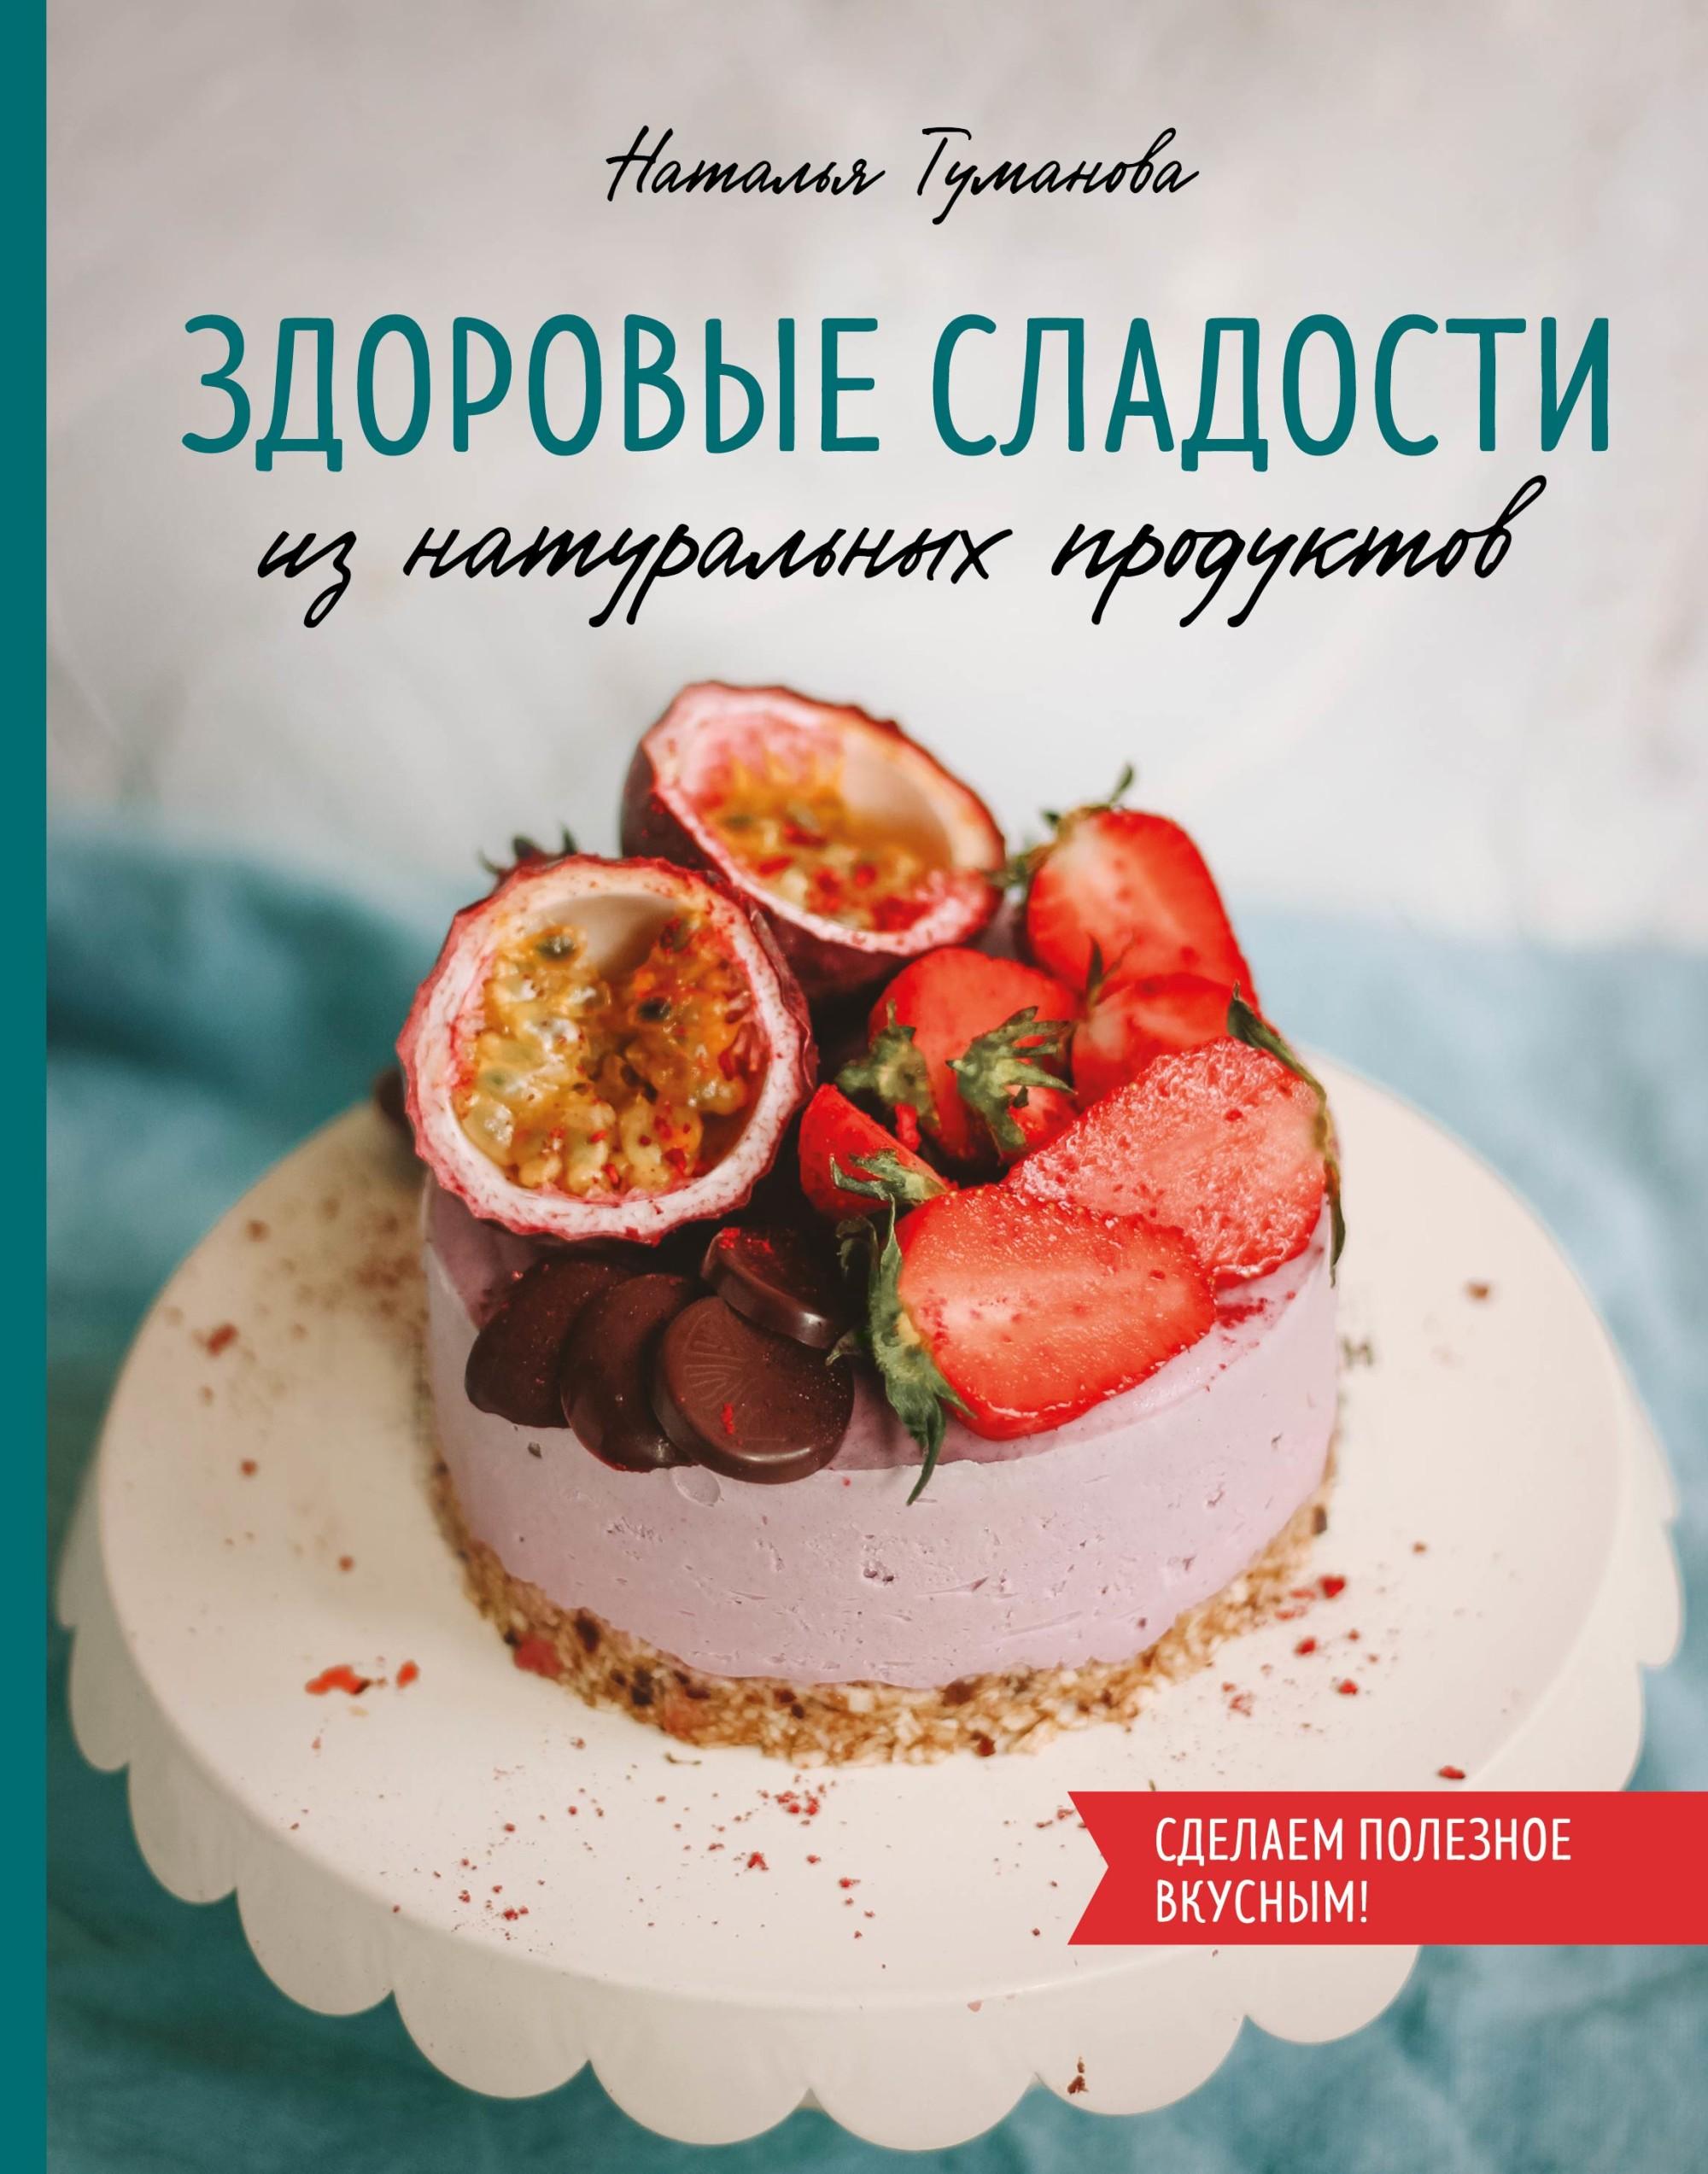 Здоровые сладости из натуральных продуктов